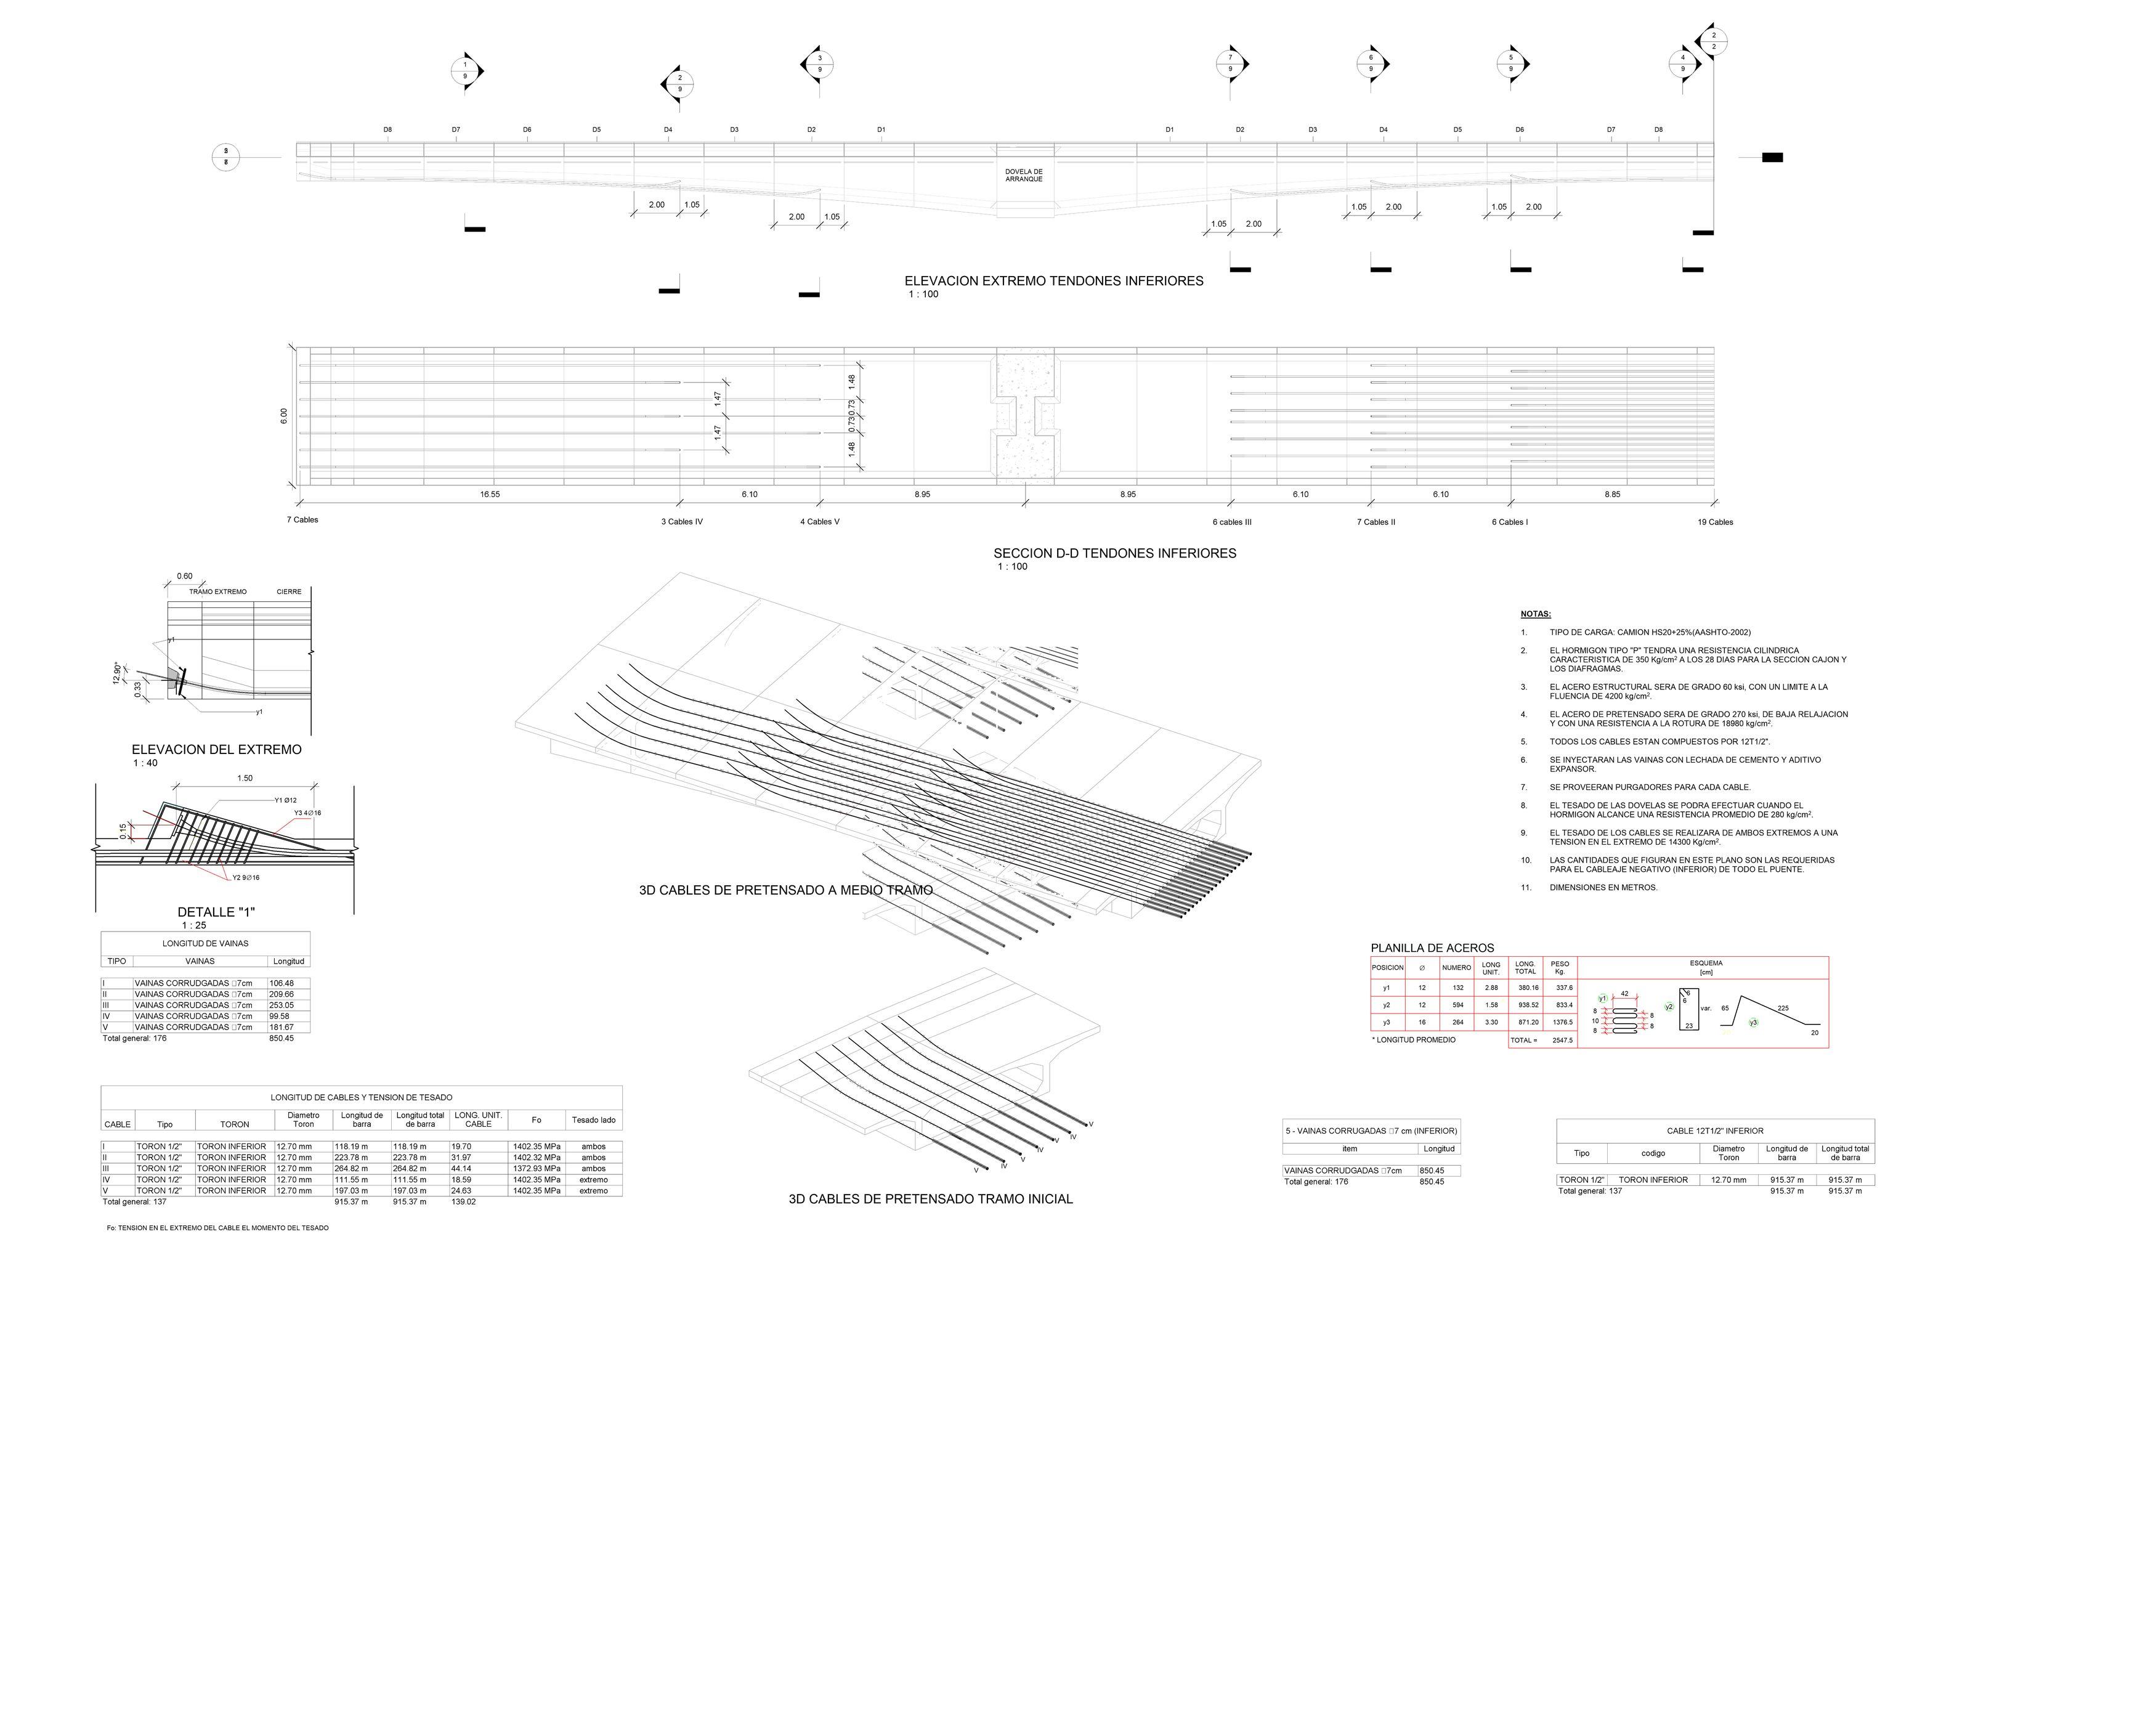 133---modelo-puente-rev30---plano---8---planos-de-pretensado-2-3-3500-3500